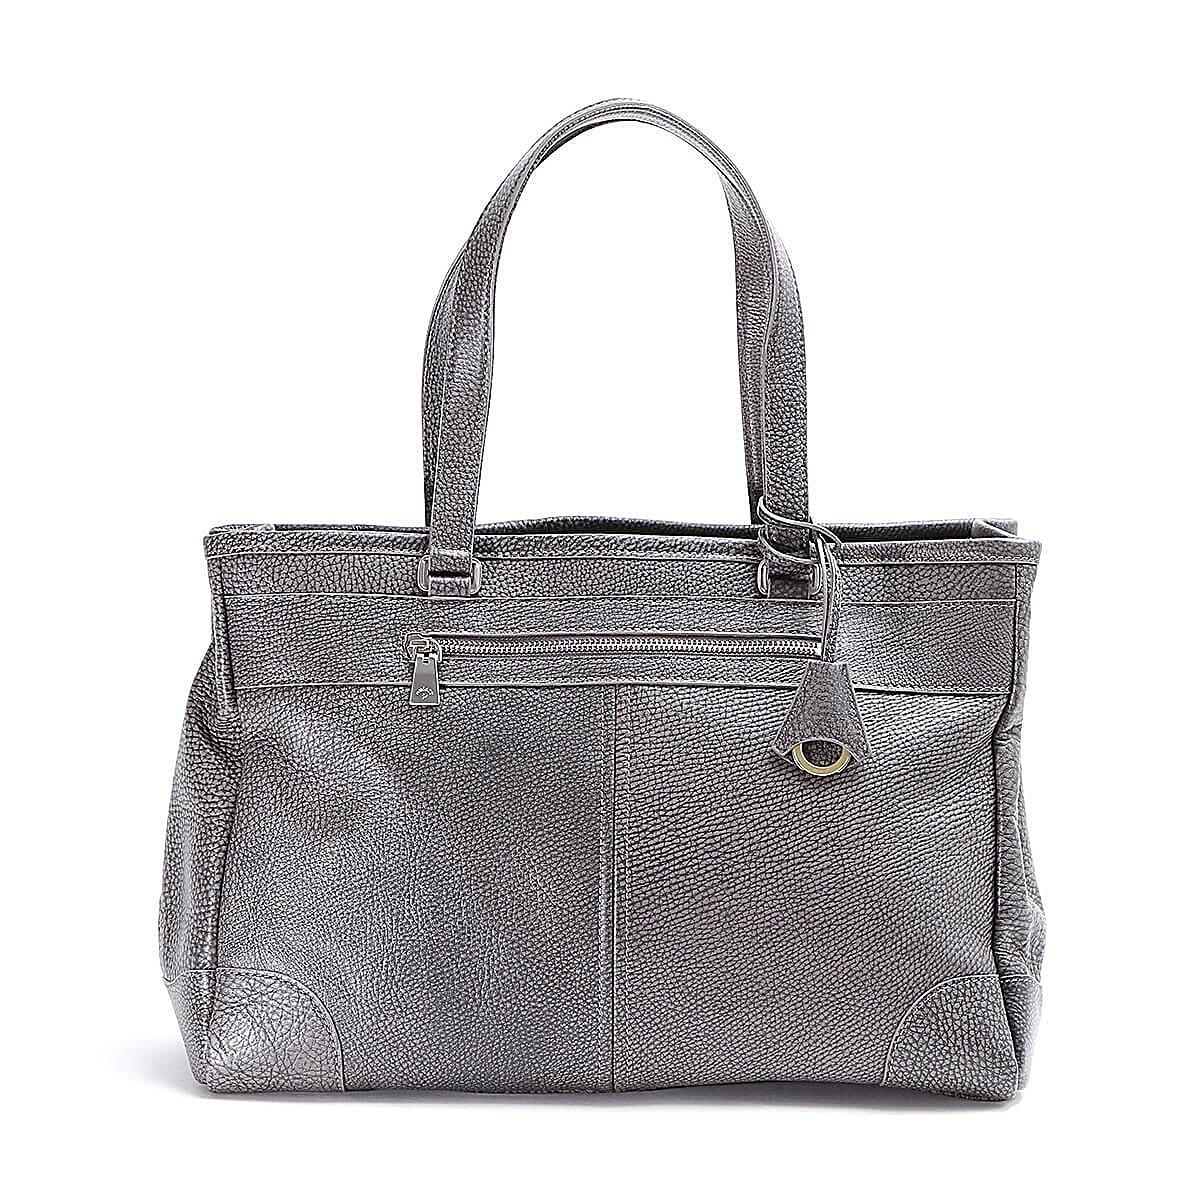 アニアリ トートバッグ Grind Leather 15-02000 B07DT2DP7L グレー グレー